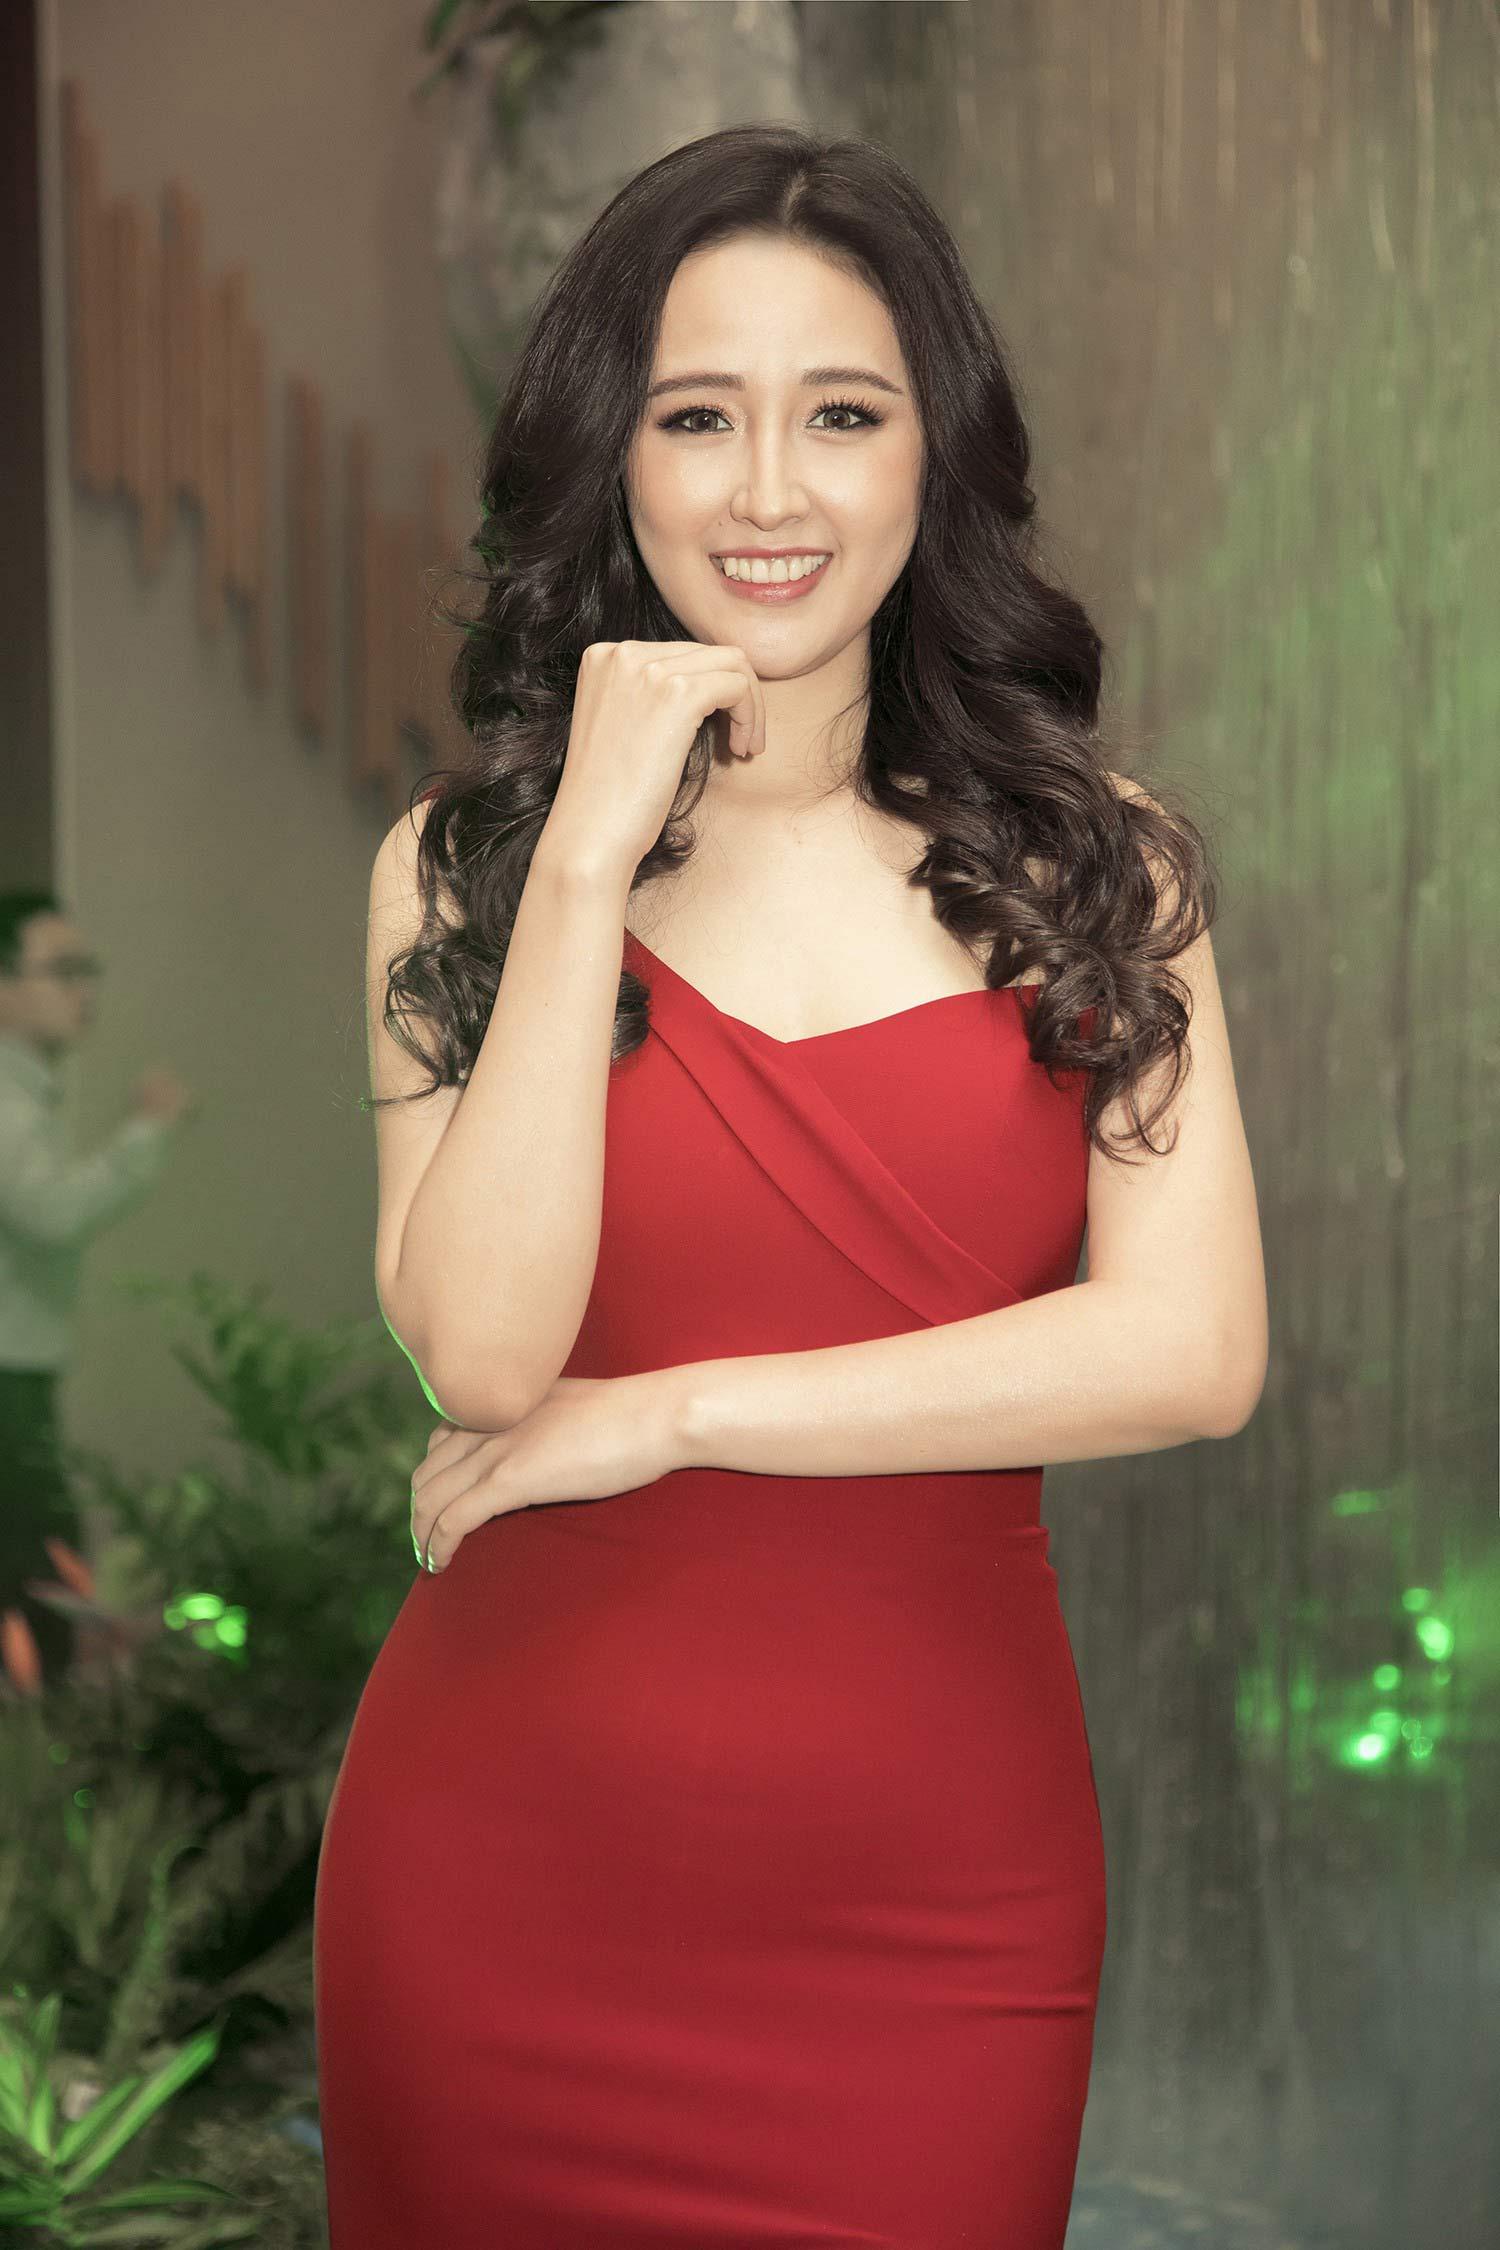 Hoa hậu Việt có vòng một gần 100cm nhiều lần phát ngôn gây chú ý - 6